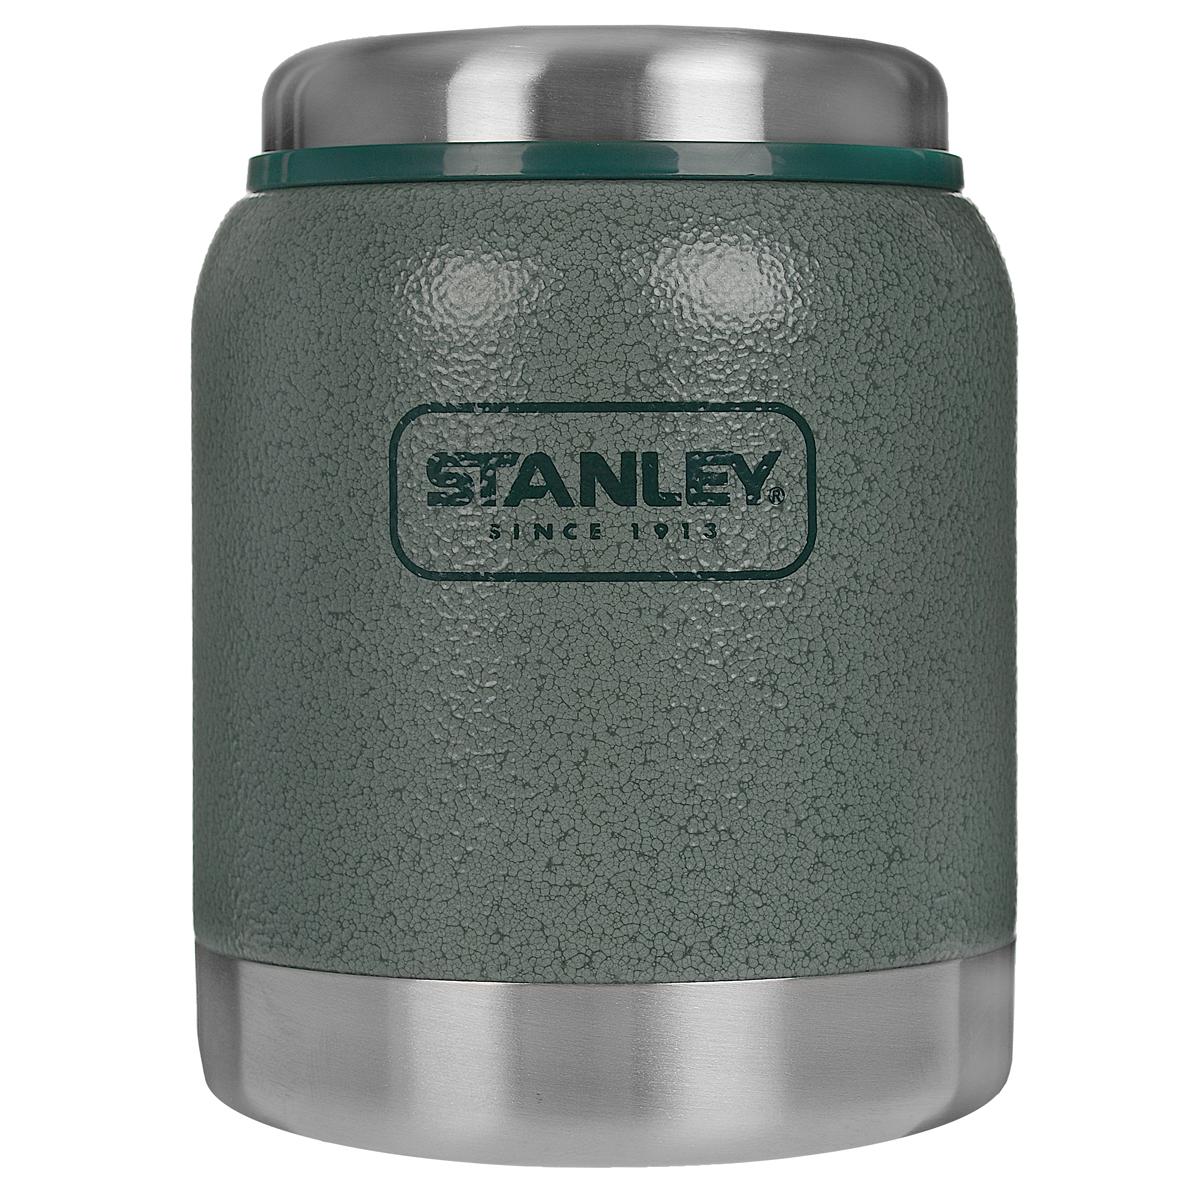 Термос Stanley Adventure Food, с широким горлом, цвет: зеленый, 0,41 л10-01610-006Термос Stanley Adventure Food с широким горлом выполнен из высококачественной антикоррозийной стали. Крышка из стали и пластика обеспечивает герметичность и способствует сохранению температуры в течение длительного времени (8 часов). Крышка снабжена силиконовым кольцом-уплотнителем.Термос не боится вибрации и легких ударов. Термос пригоден для хранения не жидкой горячей пищи. Диаметр горла: 7,2 см. Гарантийный срок 5 лет. Возврат товара возможен только через сервисный центр. Гарантийный центр: м. ВДНХ, Ботанический сад 129223, г. Москва, Проспект Мира, 119, ВВЦ, строение 323 +7 495 974 3494 service@omegatool.ru Время работы сервисного центра: Пн-чт: 10.00-18.00 Пт: 10.00- 17.00 Сб, Вс: выходные дни